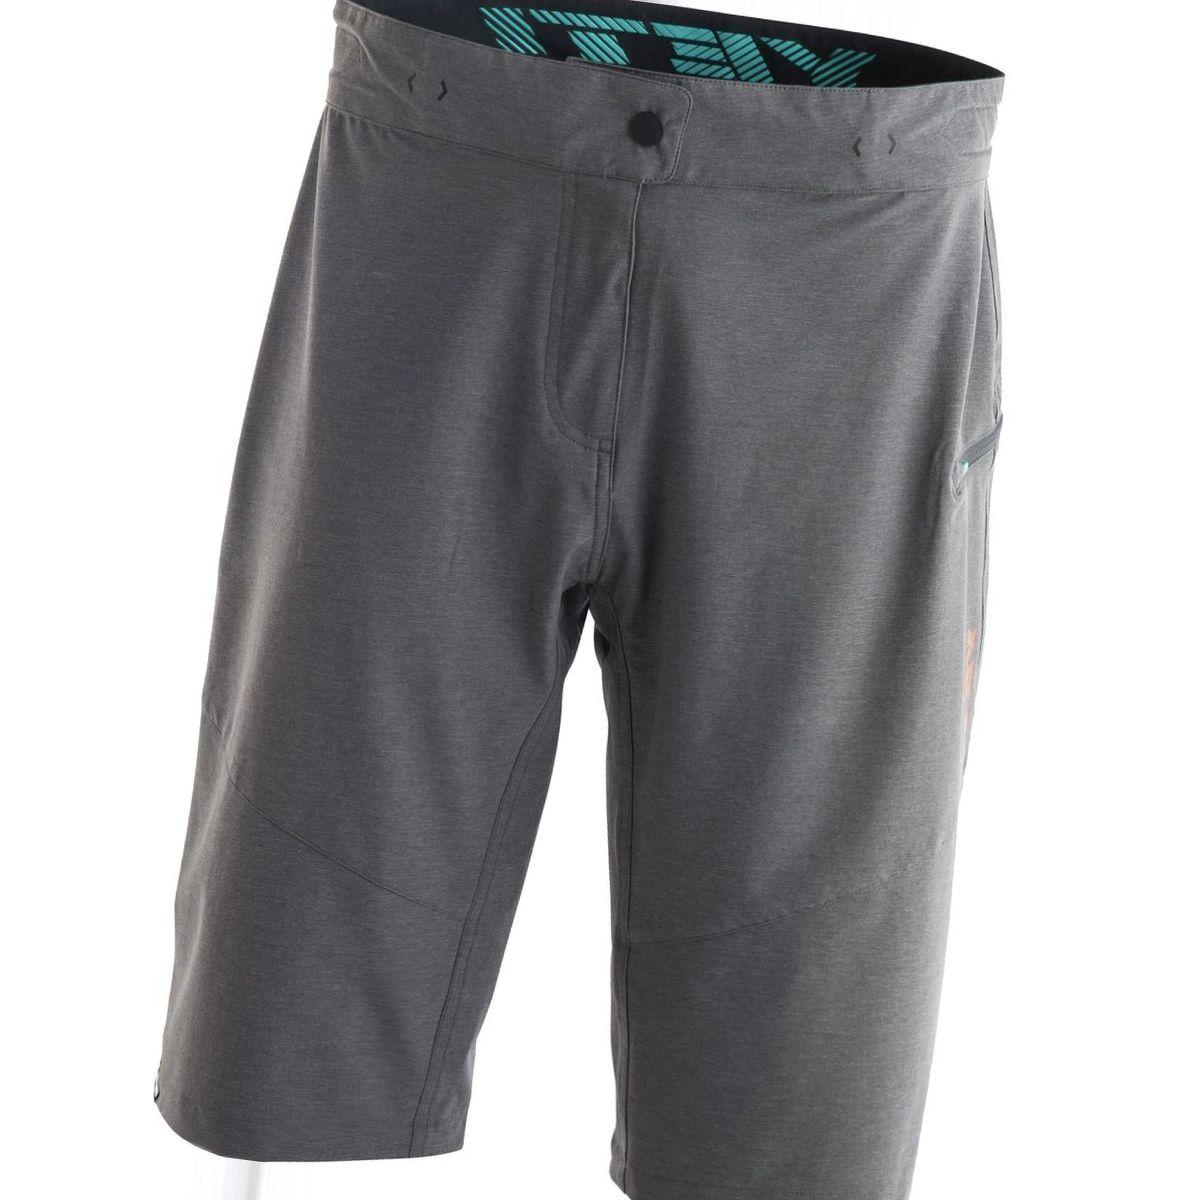 Yeti Cycles Mason Short - Men's